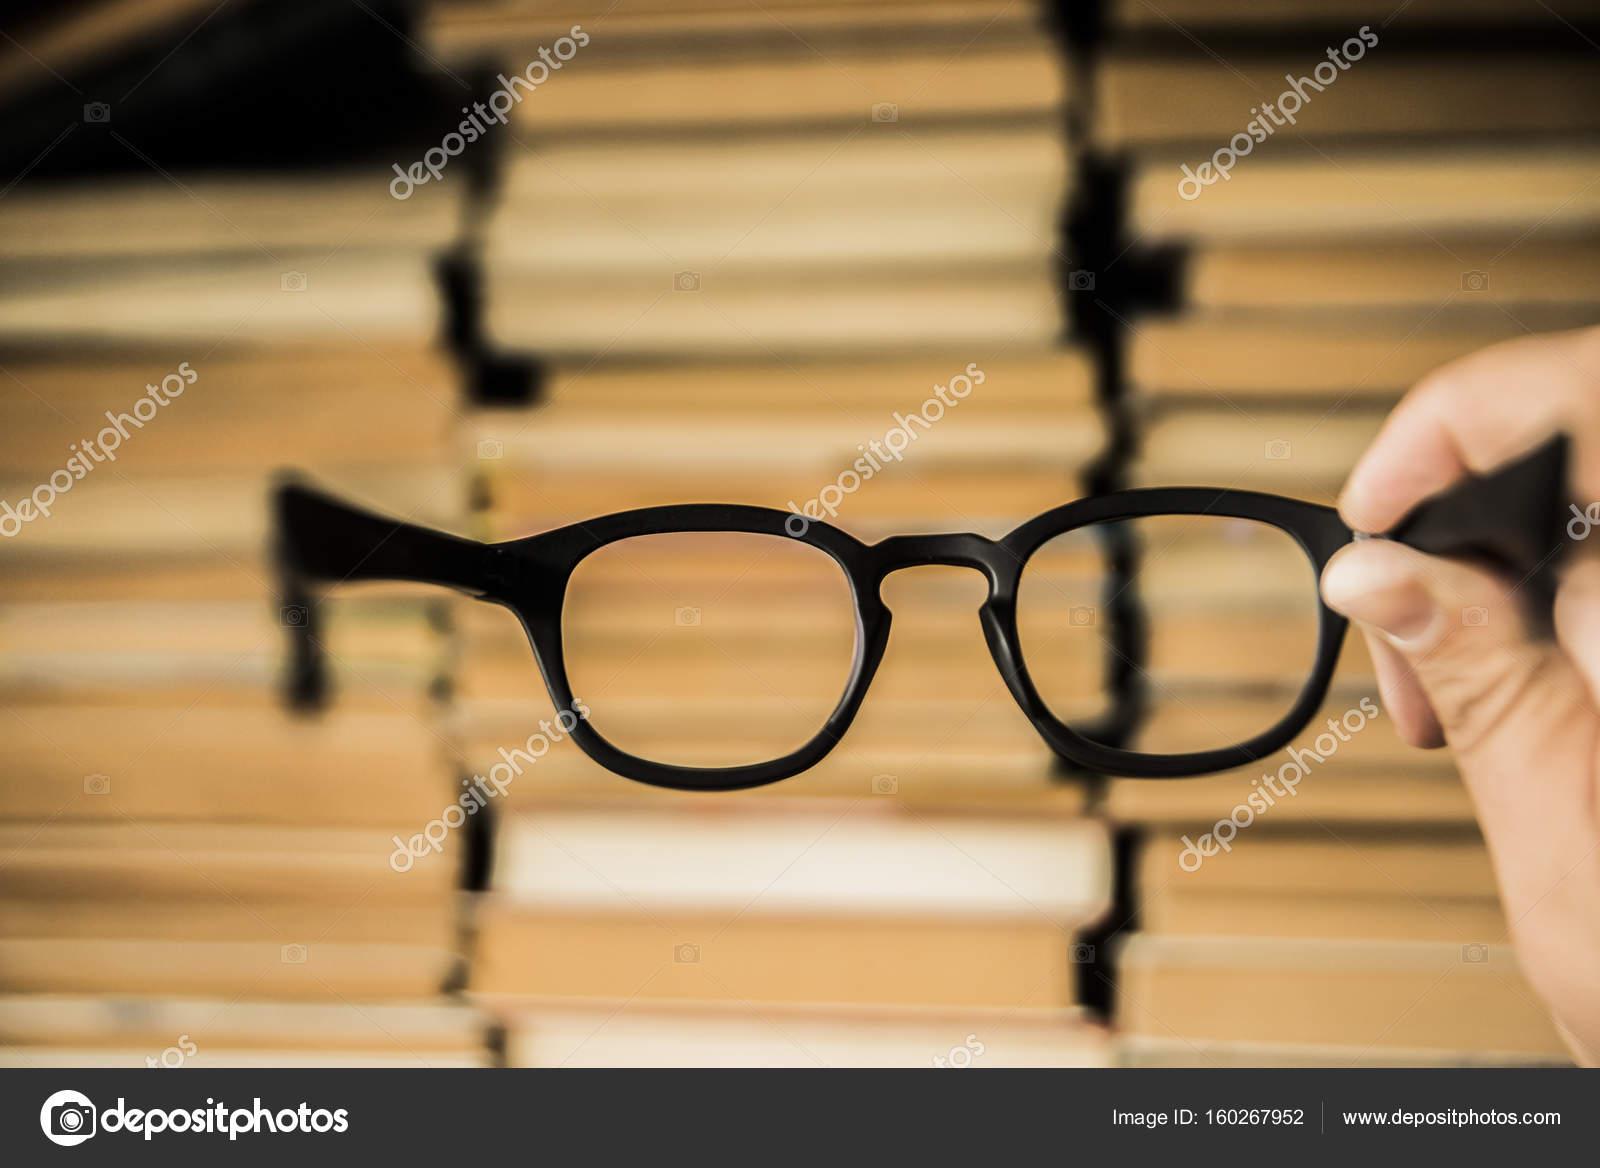 männliche Hand, die schwarze Kunststoffbrille — Stockfoto ...